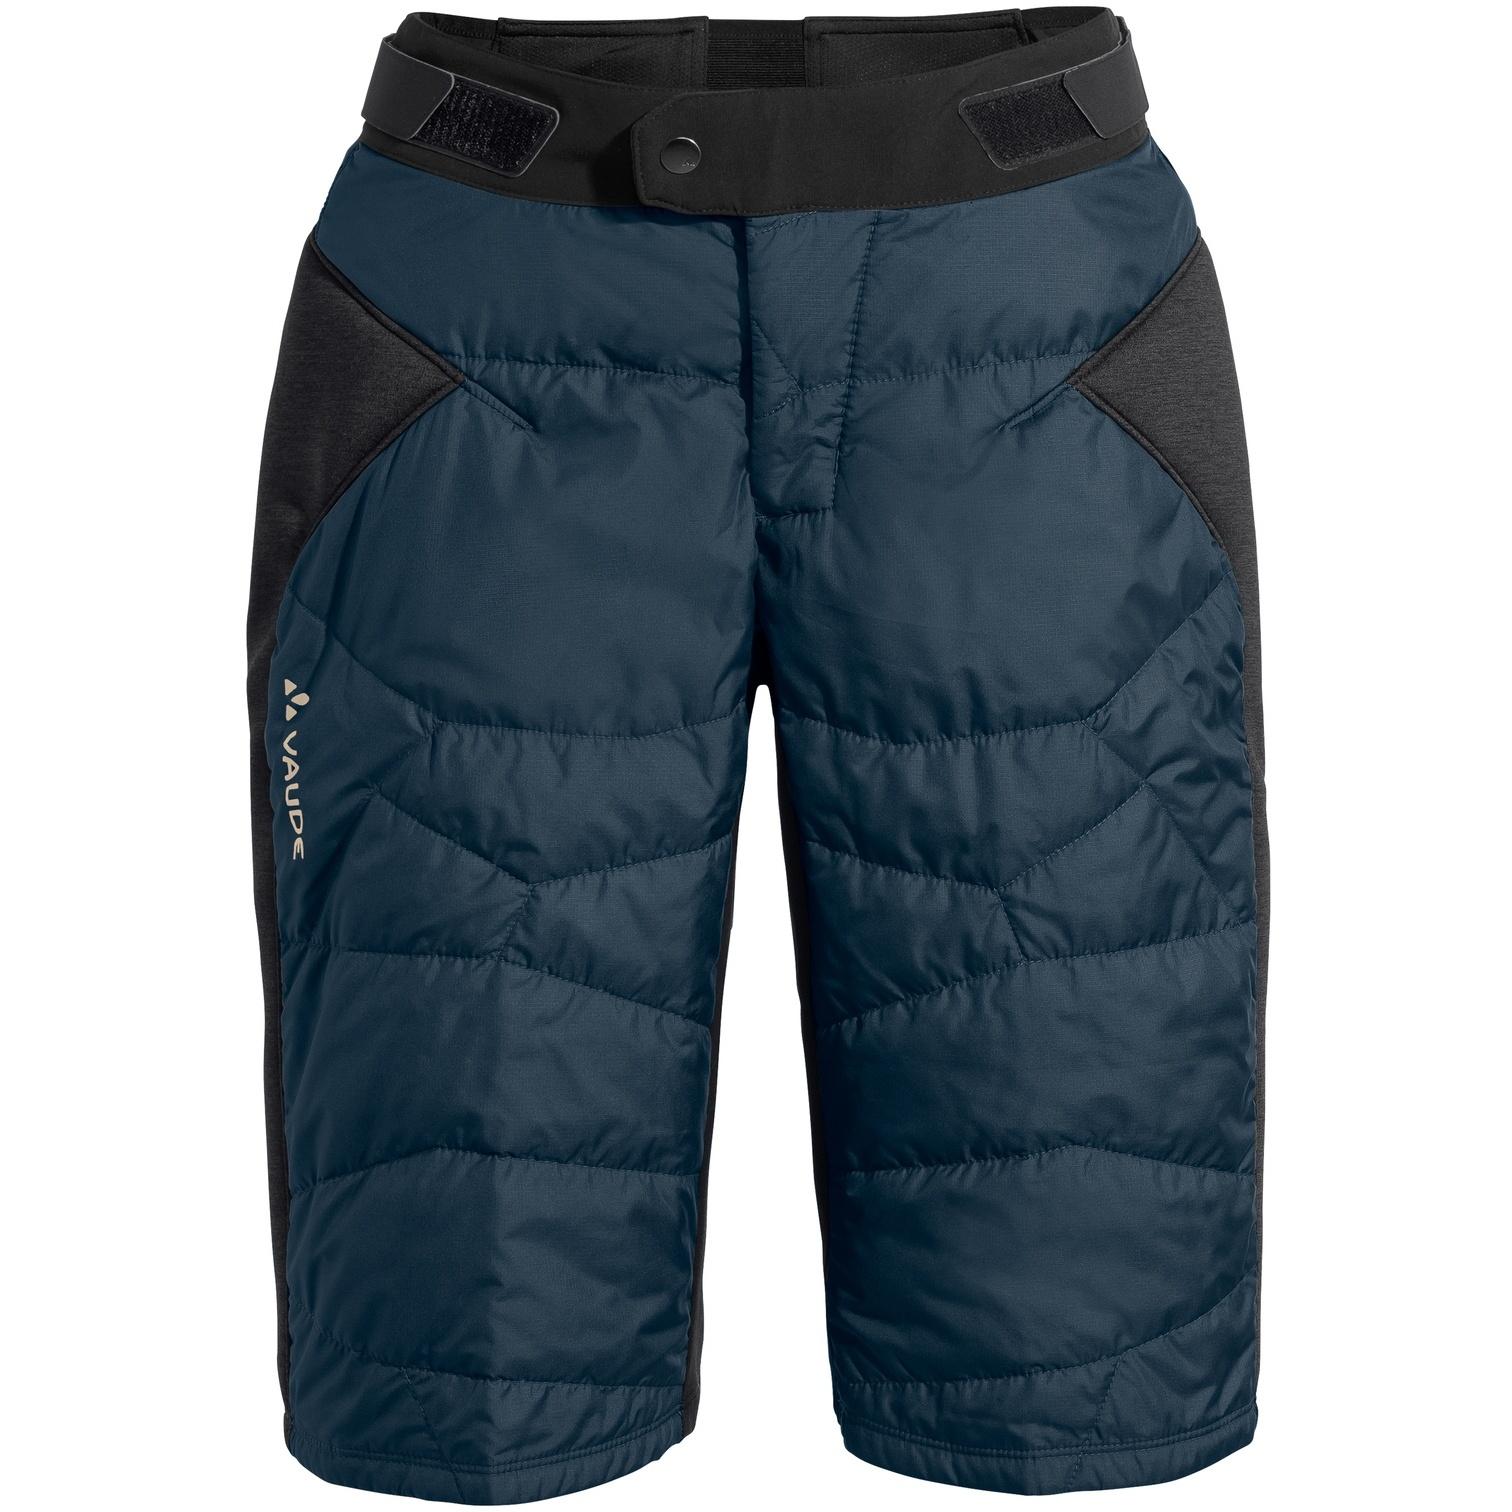 Vaude Men's Minaki Shorts III - dark sea